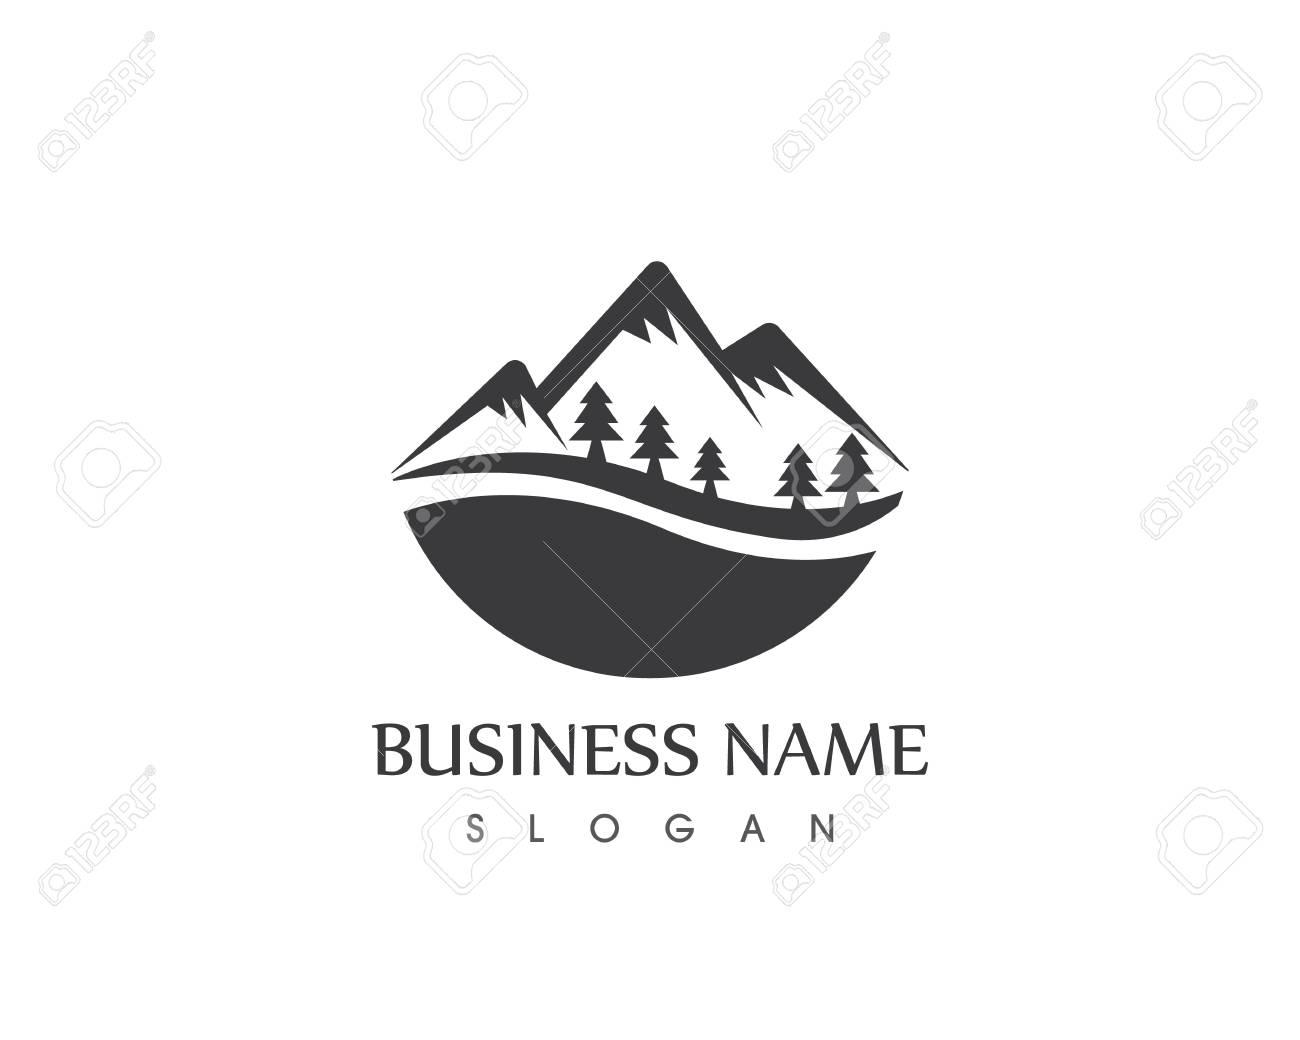 Schön Geschäftsvorlage Bilder - Beispielzusammenfassung Ideen ...